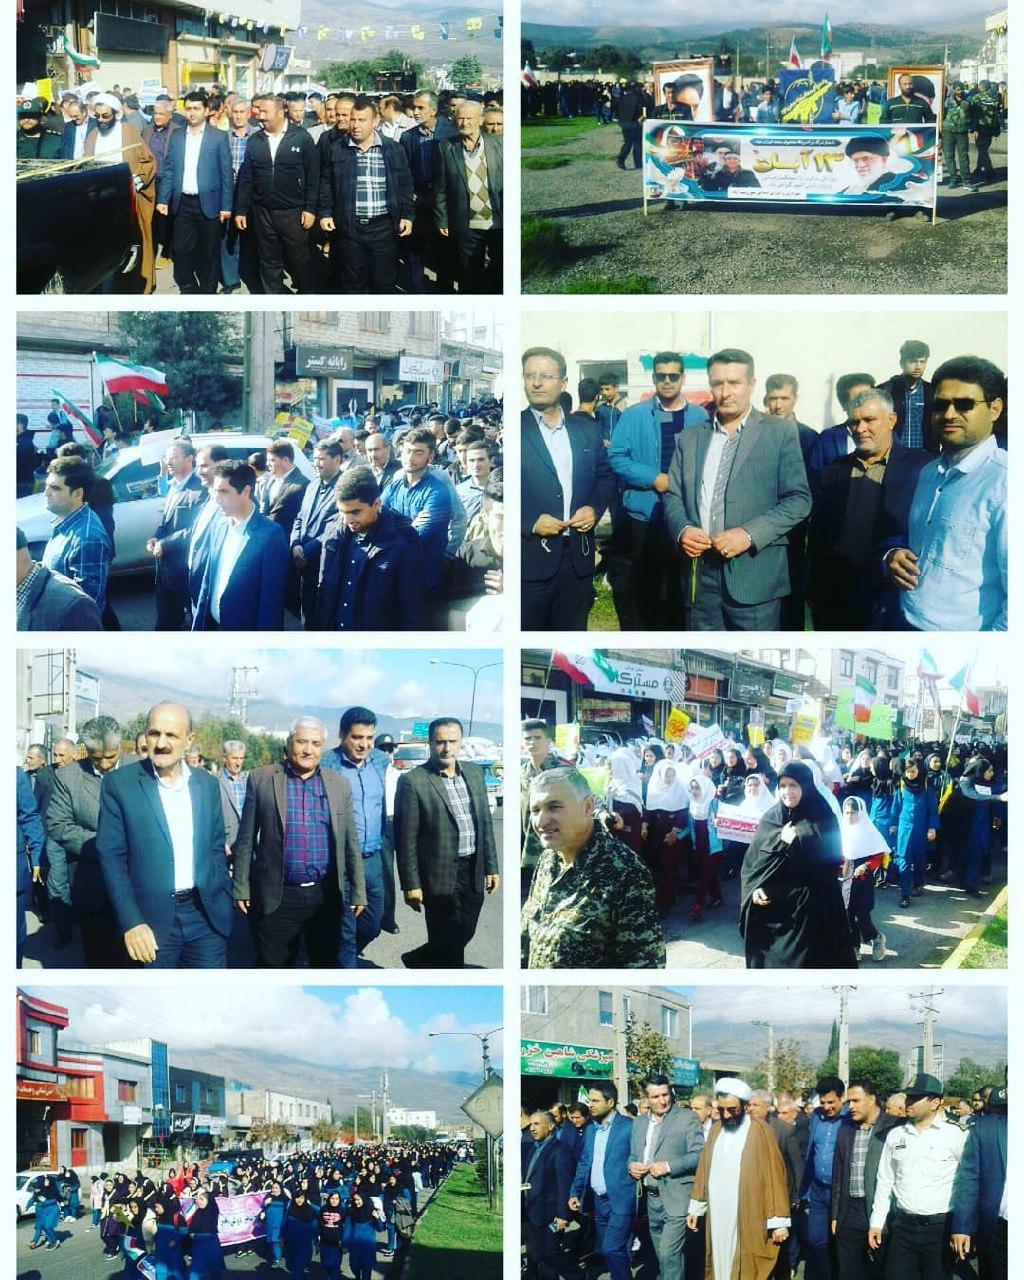 راهپیمایی ۱۳ آبان در شهر رستم آباد